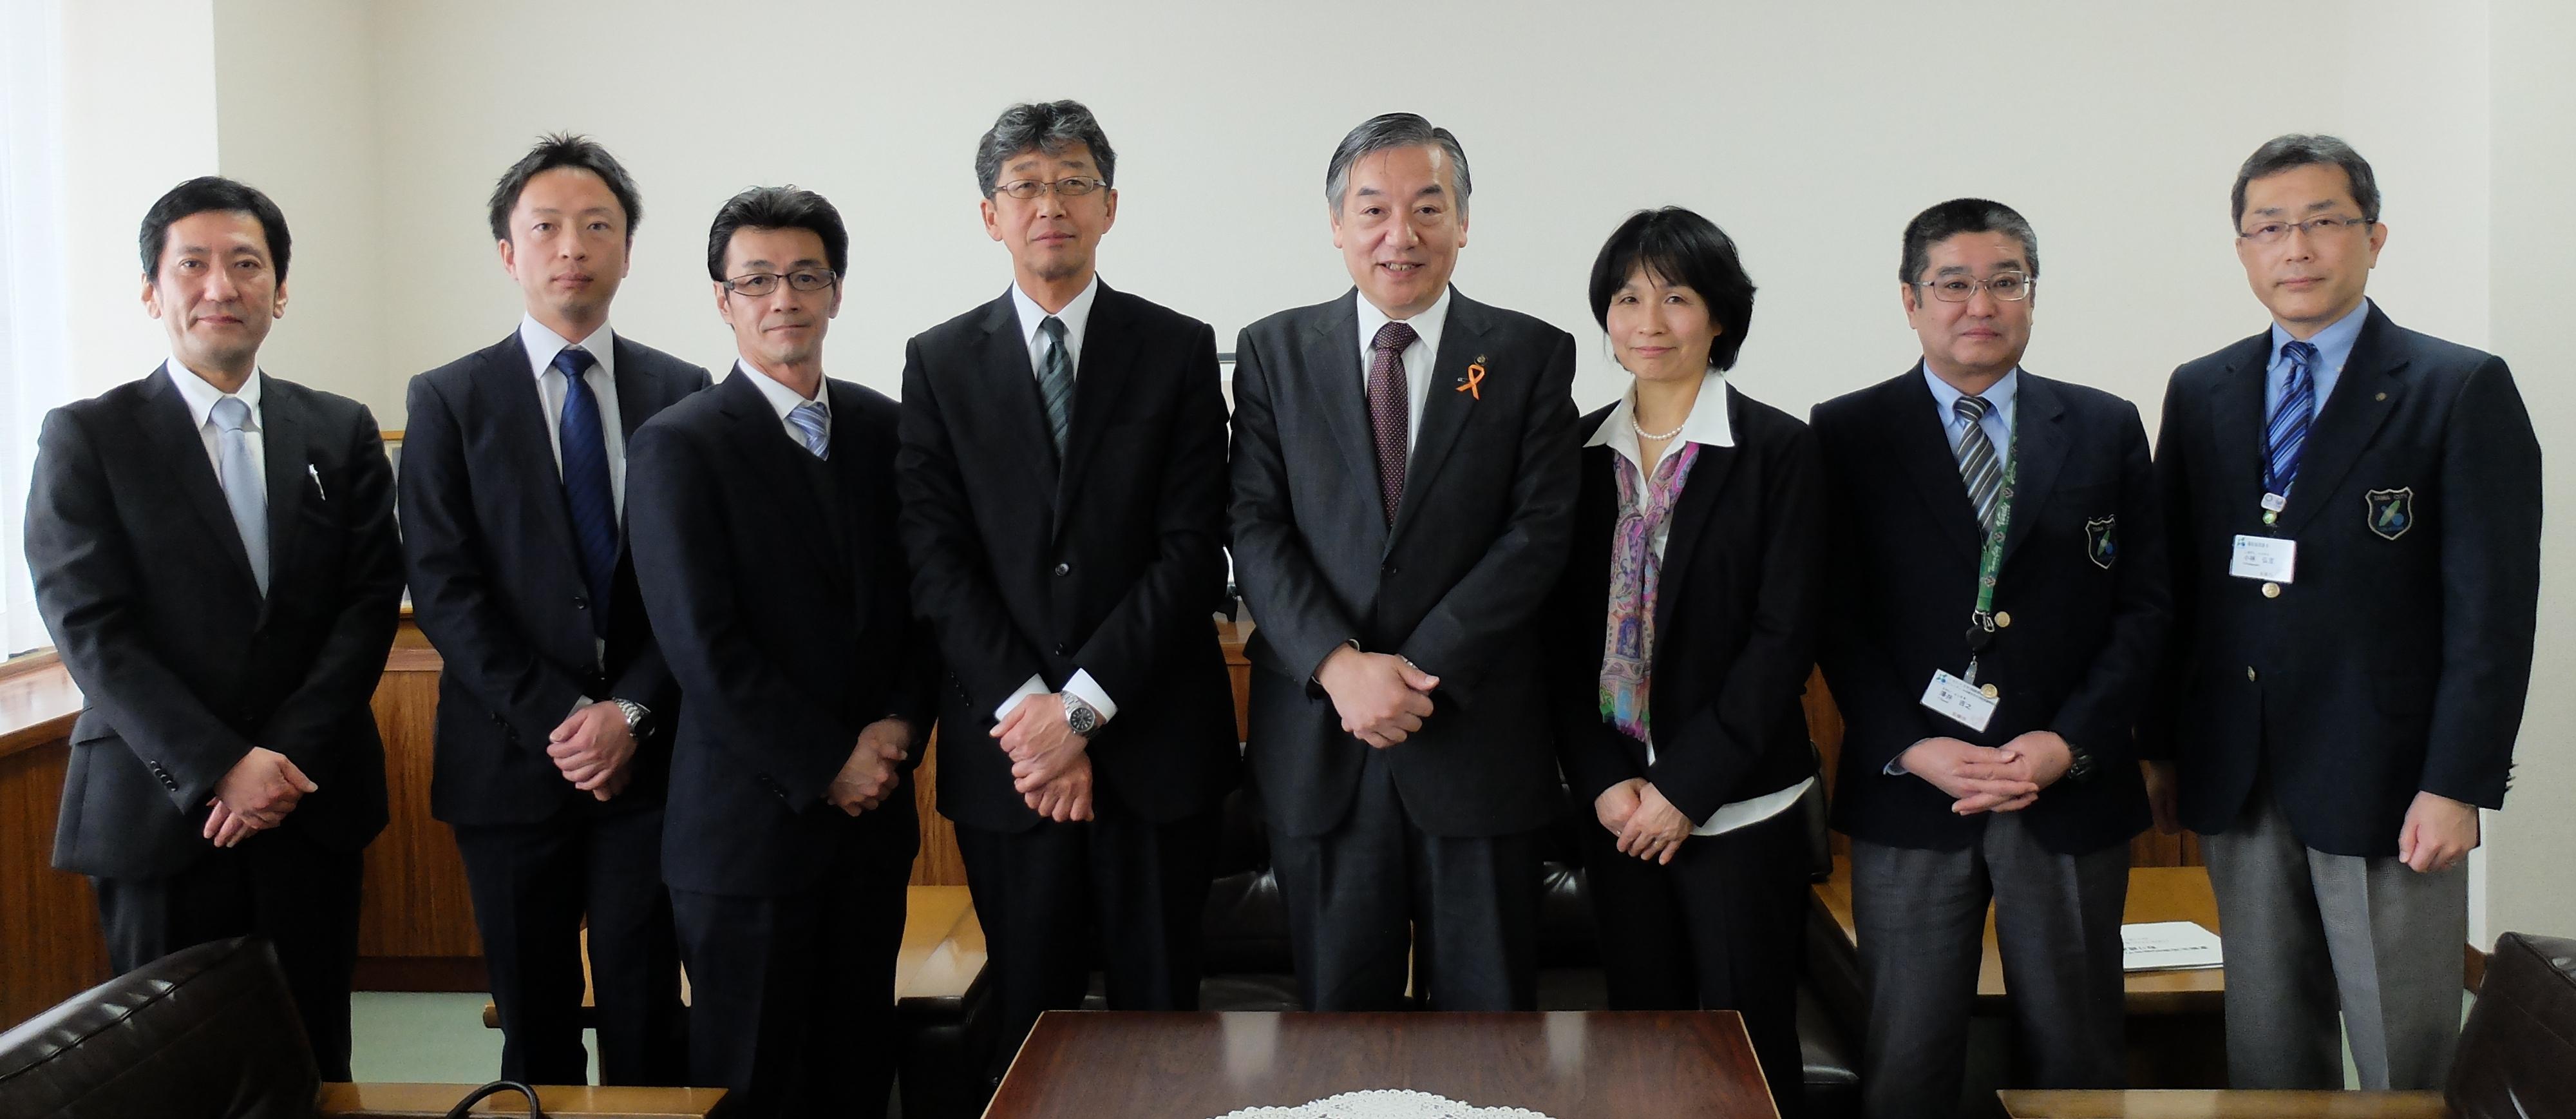 東都生協役職員、右から3人目が組合員常任理事